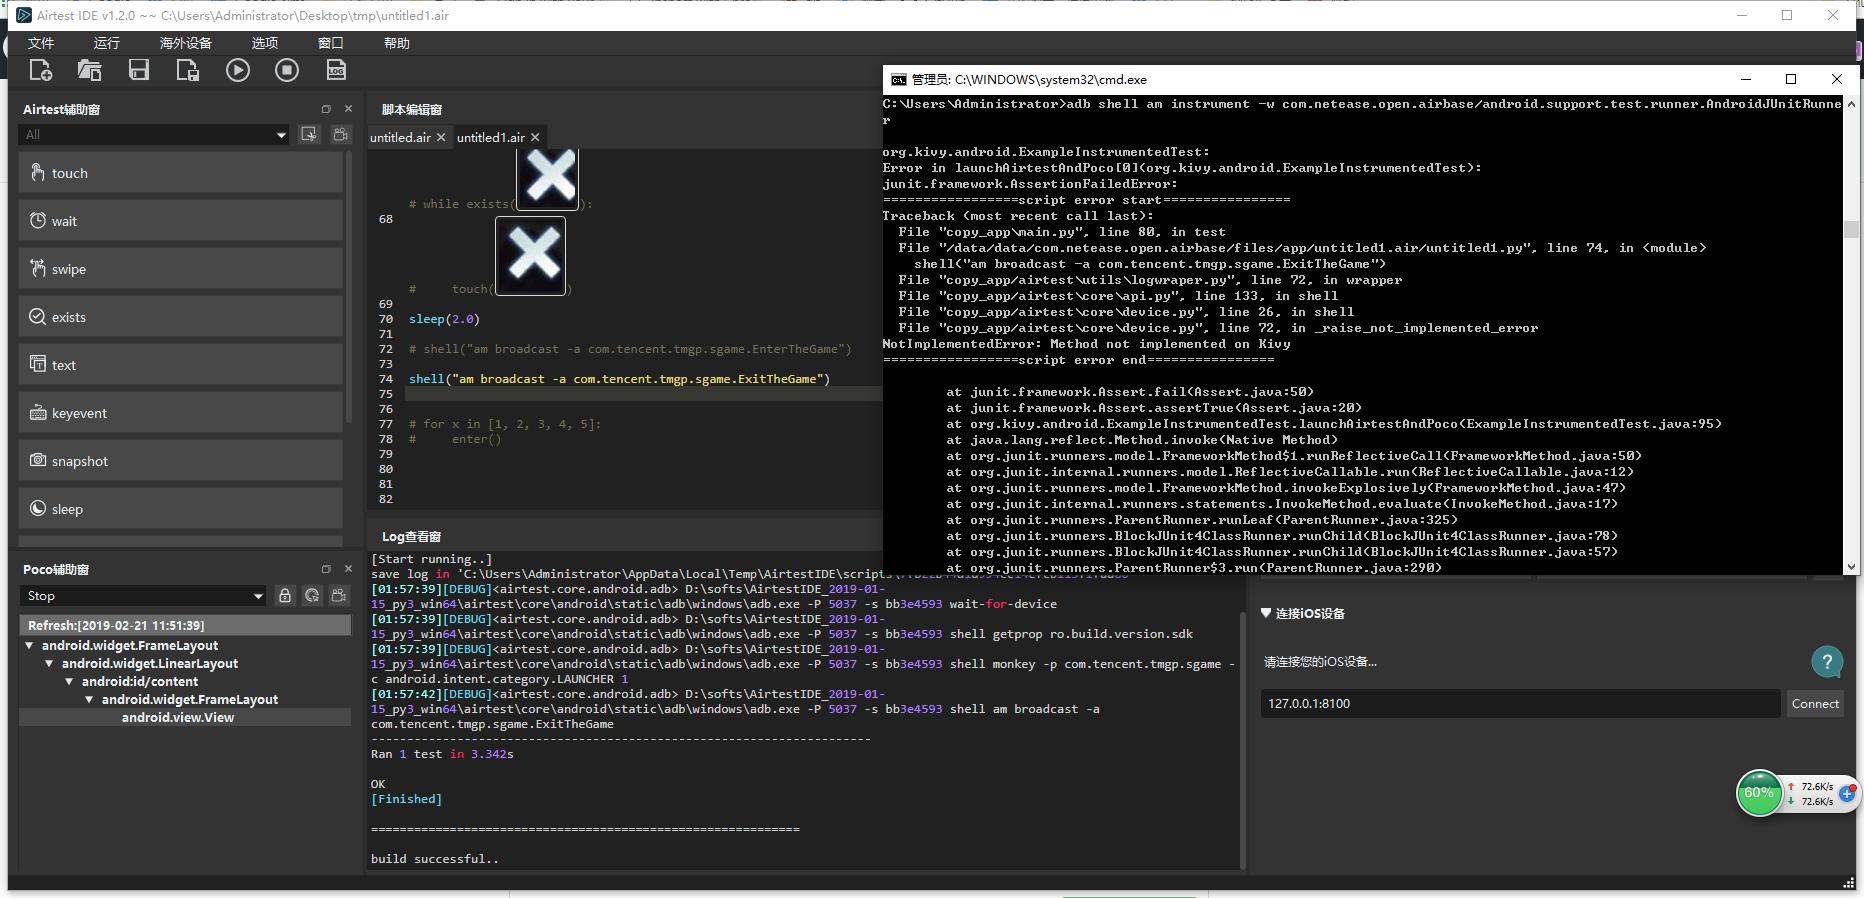 打包成apk后运行shell报错· Issue #328 · AirtestProject/AirtestIDE